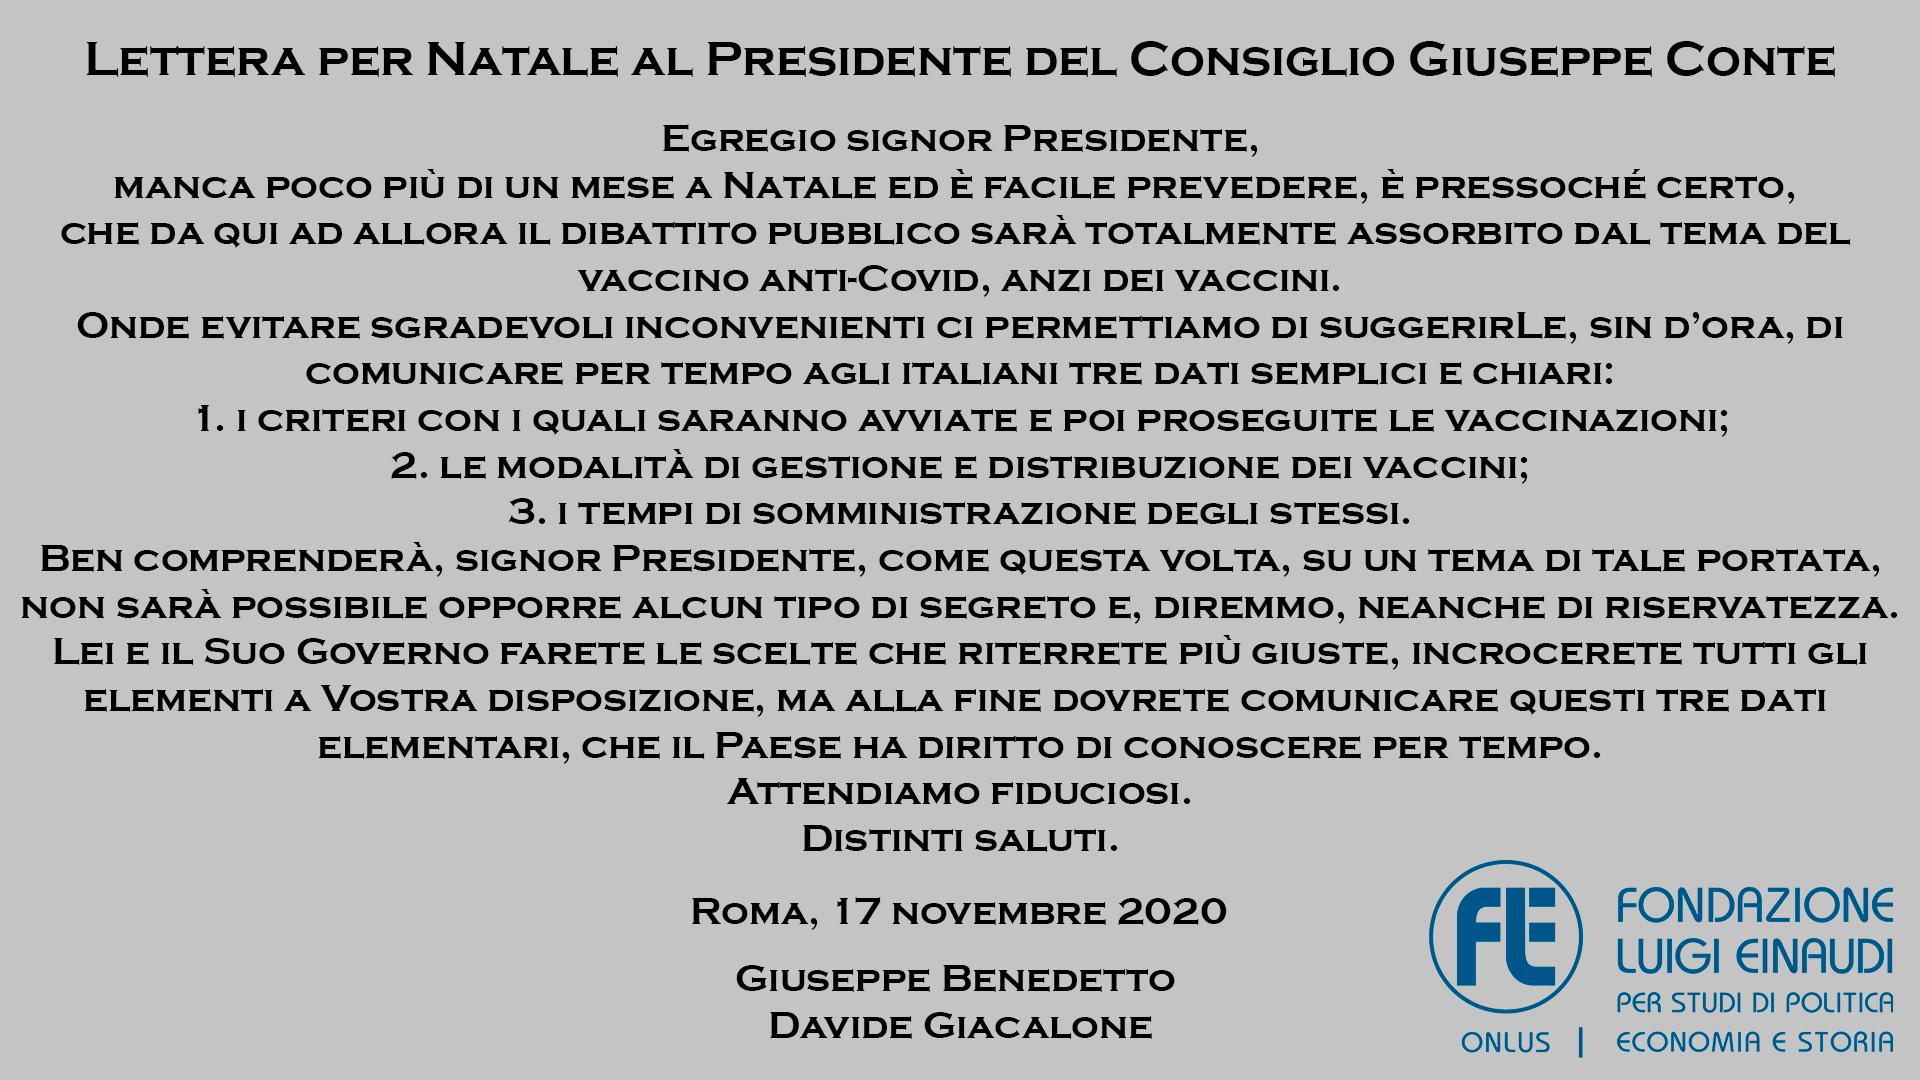 Sottoscrivi la lettera aperta della Fondazione Luigi Einaudi sui vaccini al Presidente del Consiglio